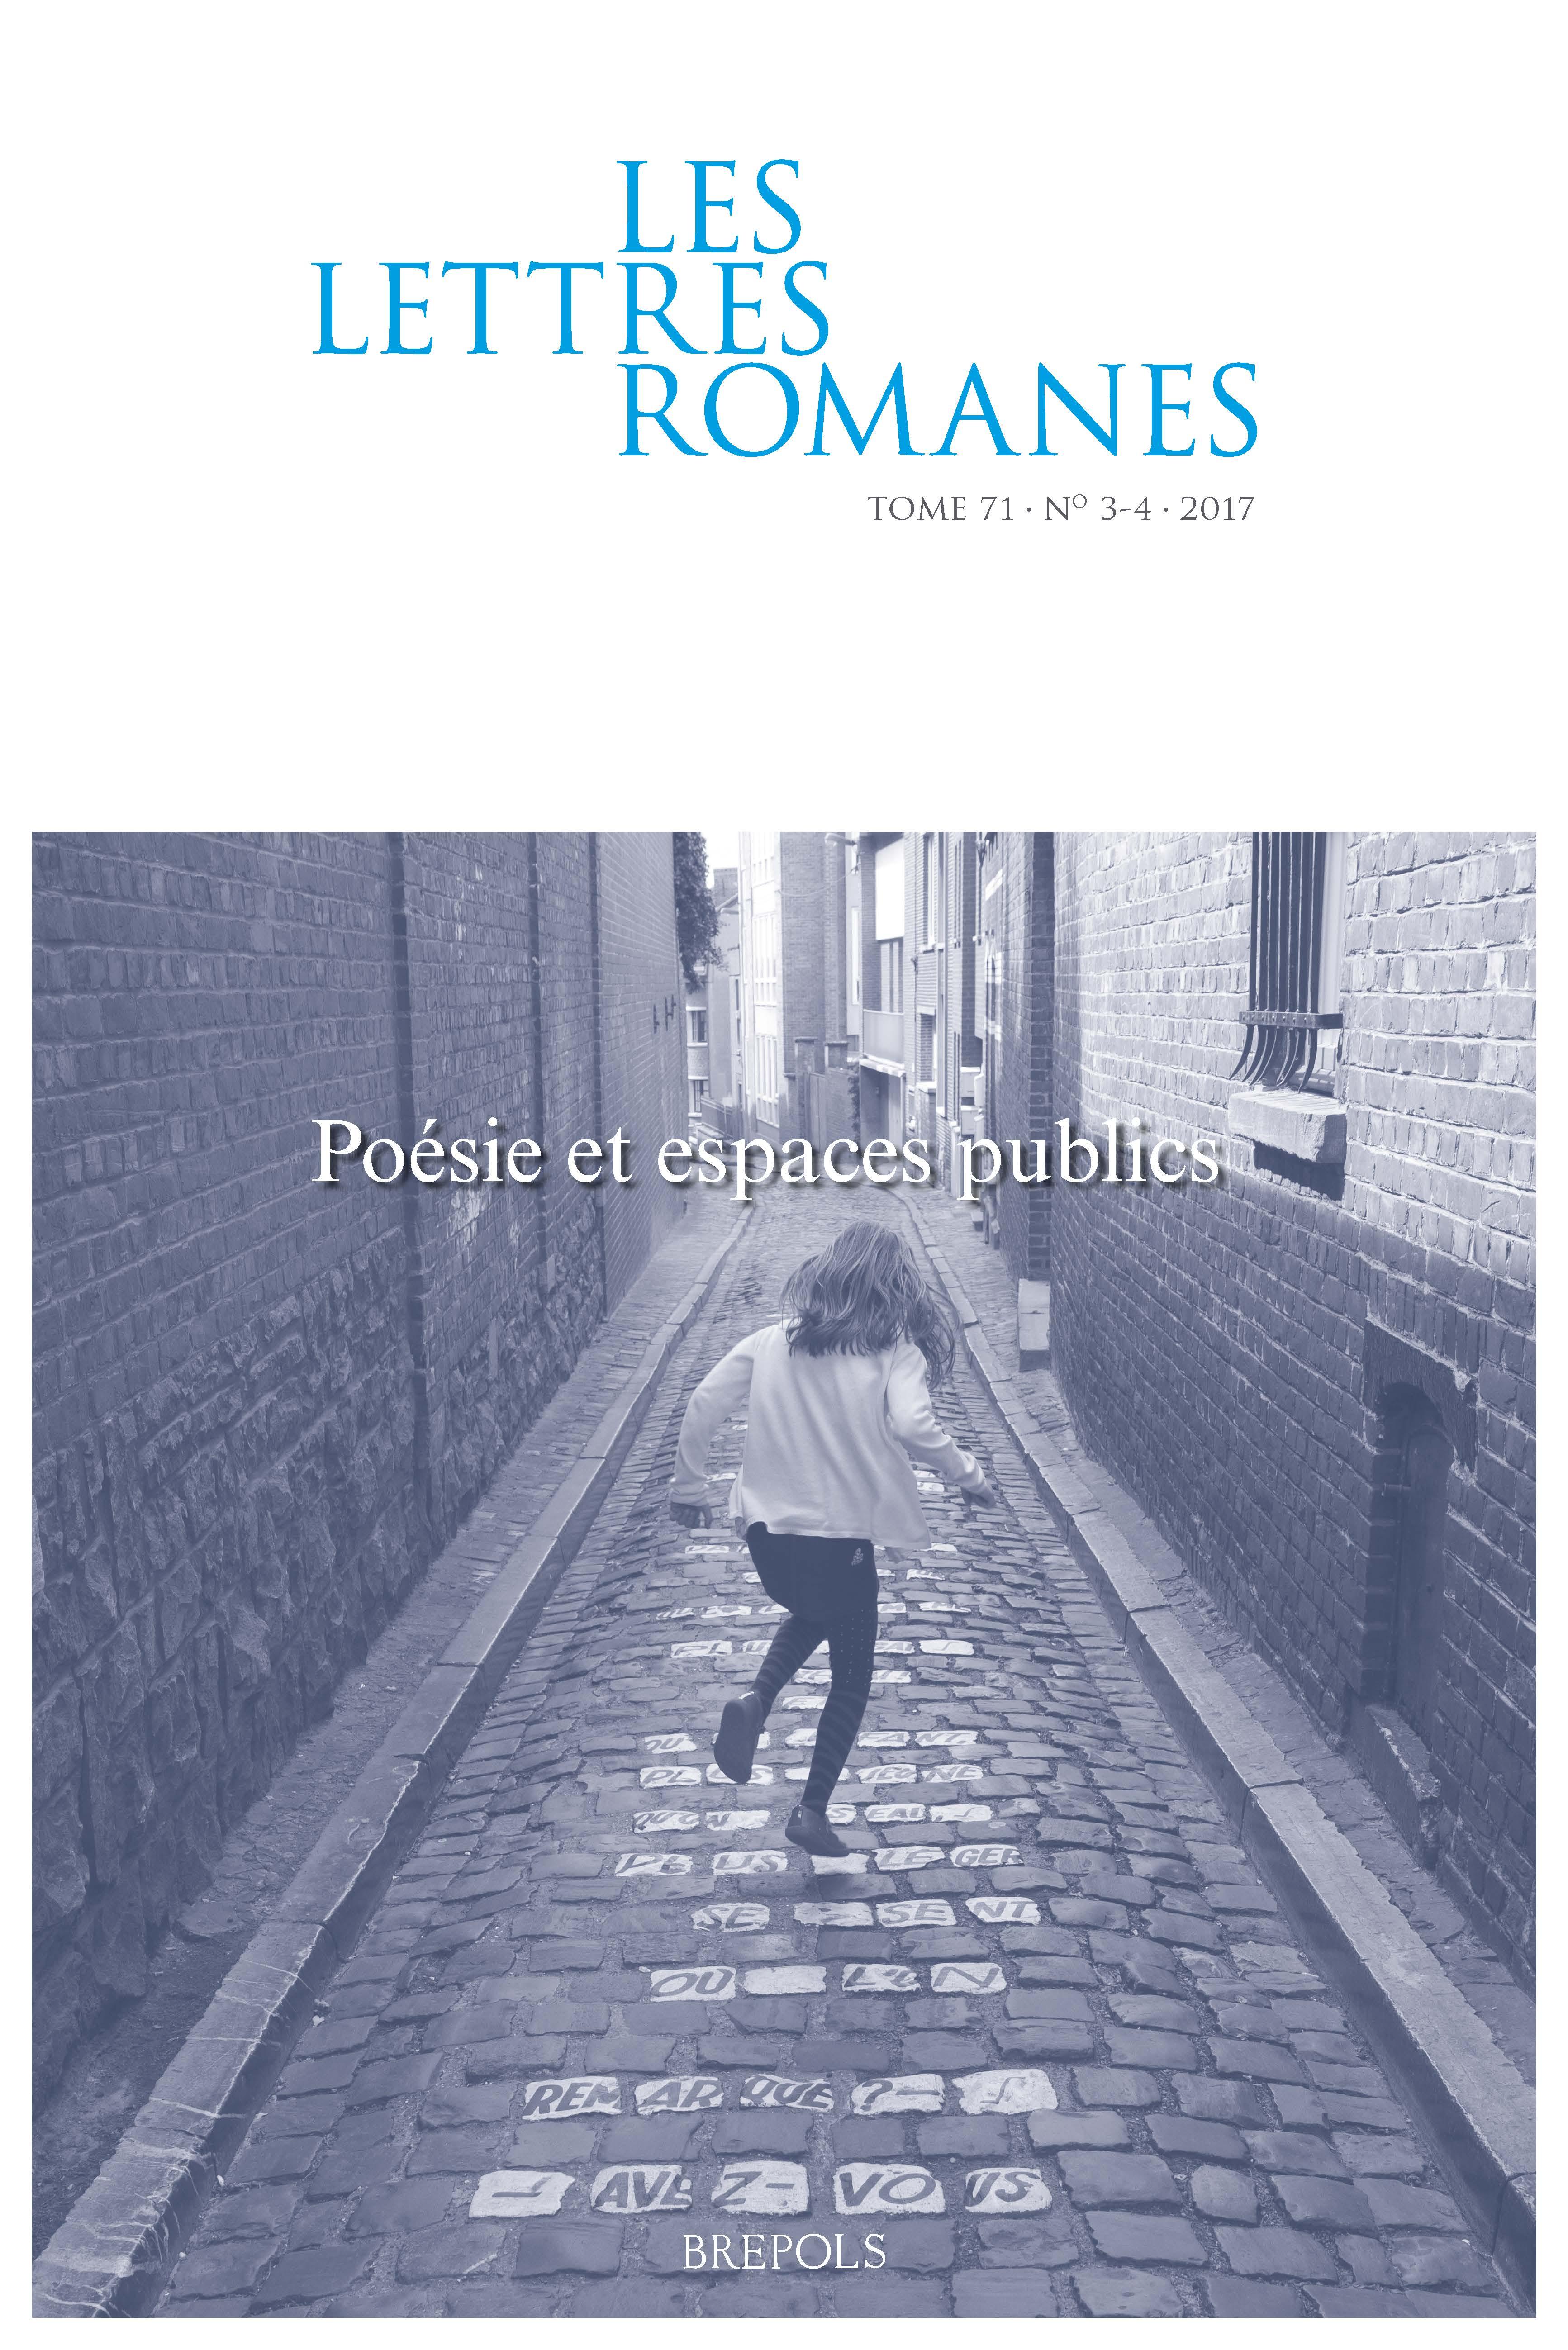 Les Lettres romanes, t. 71, n° 3-4, 2017 :